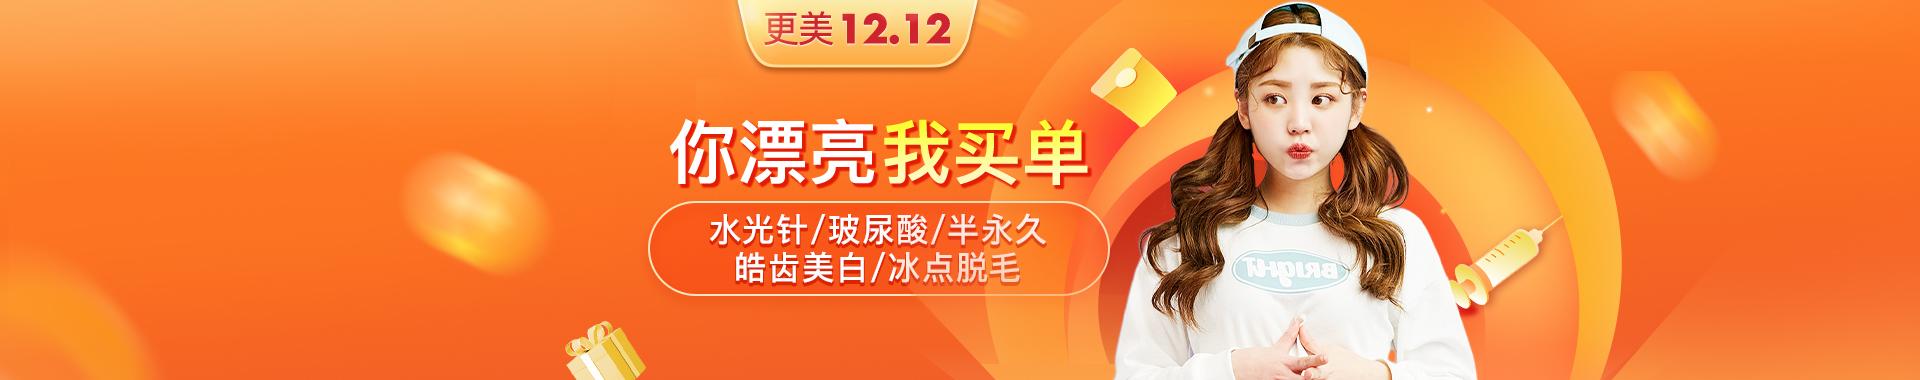 雙12霸王餐-banner1210